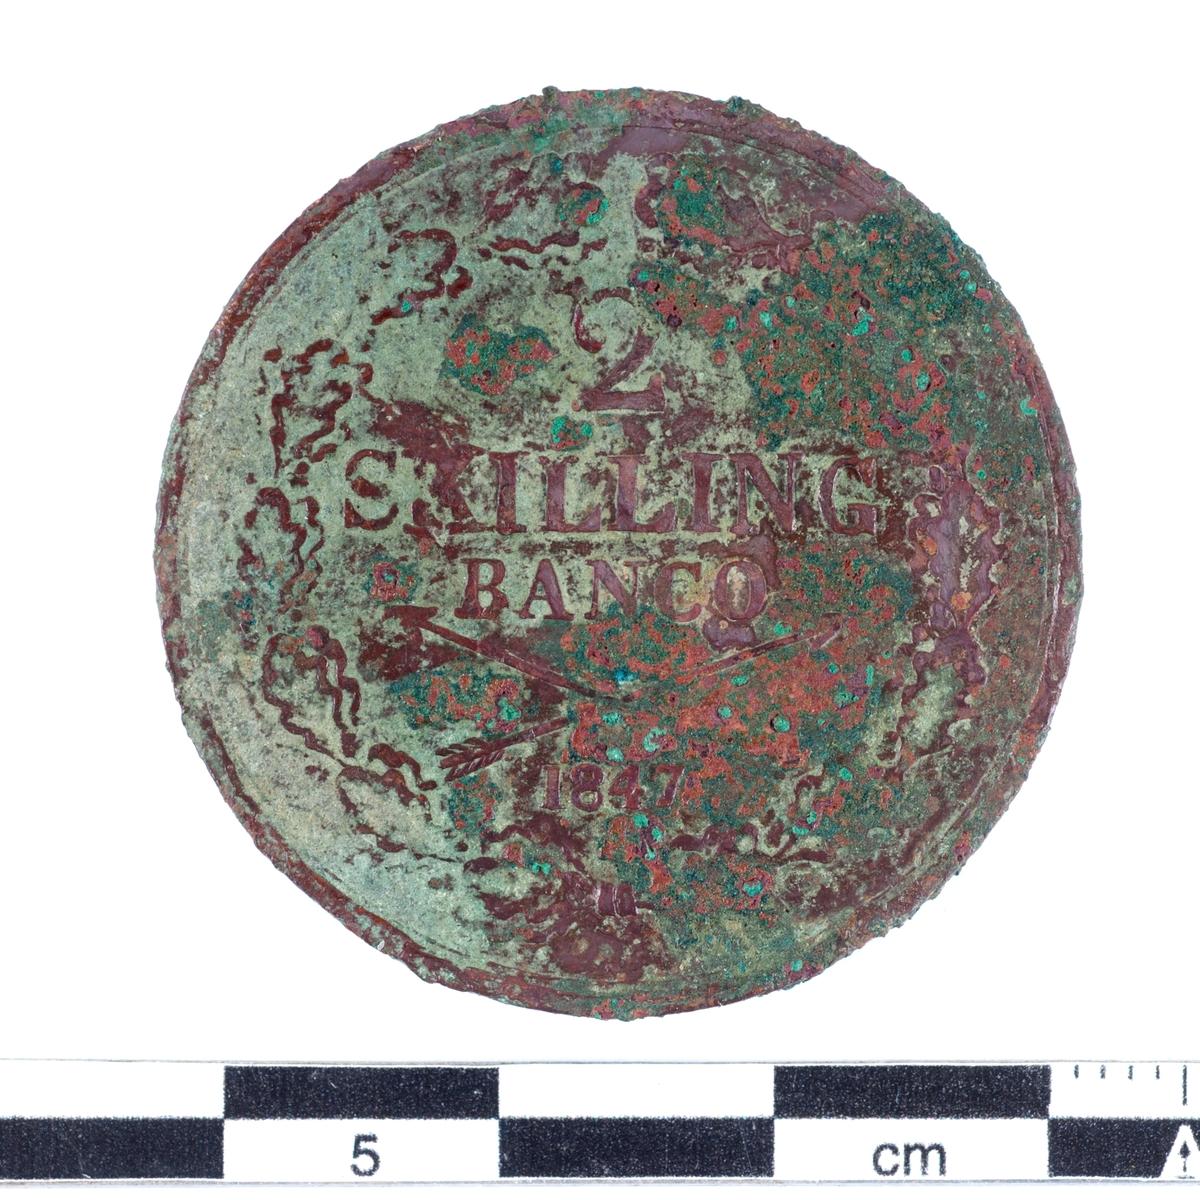 Mynt av kopparlegering. 2 skilling. Präglat 1847 under Oscar I regeringstid (1844-1859).